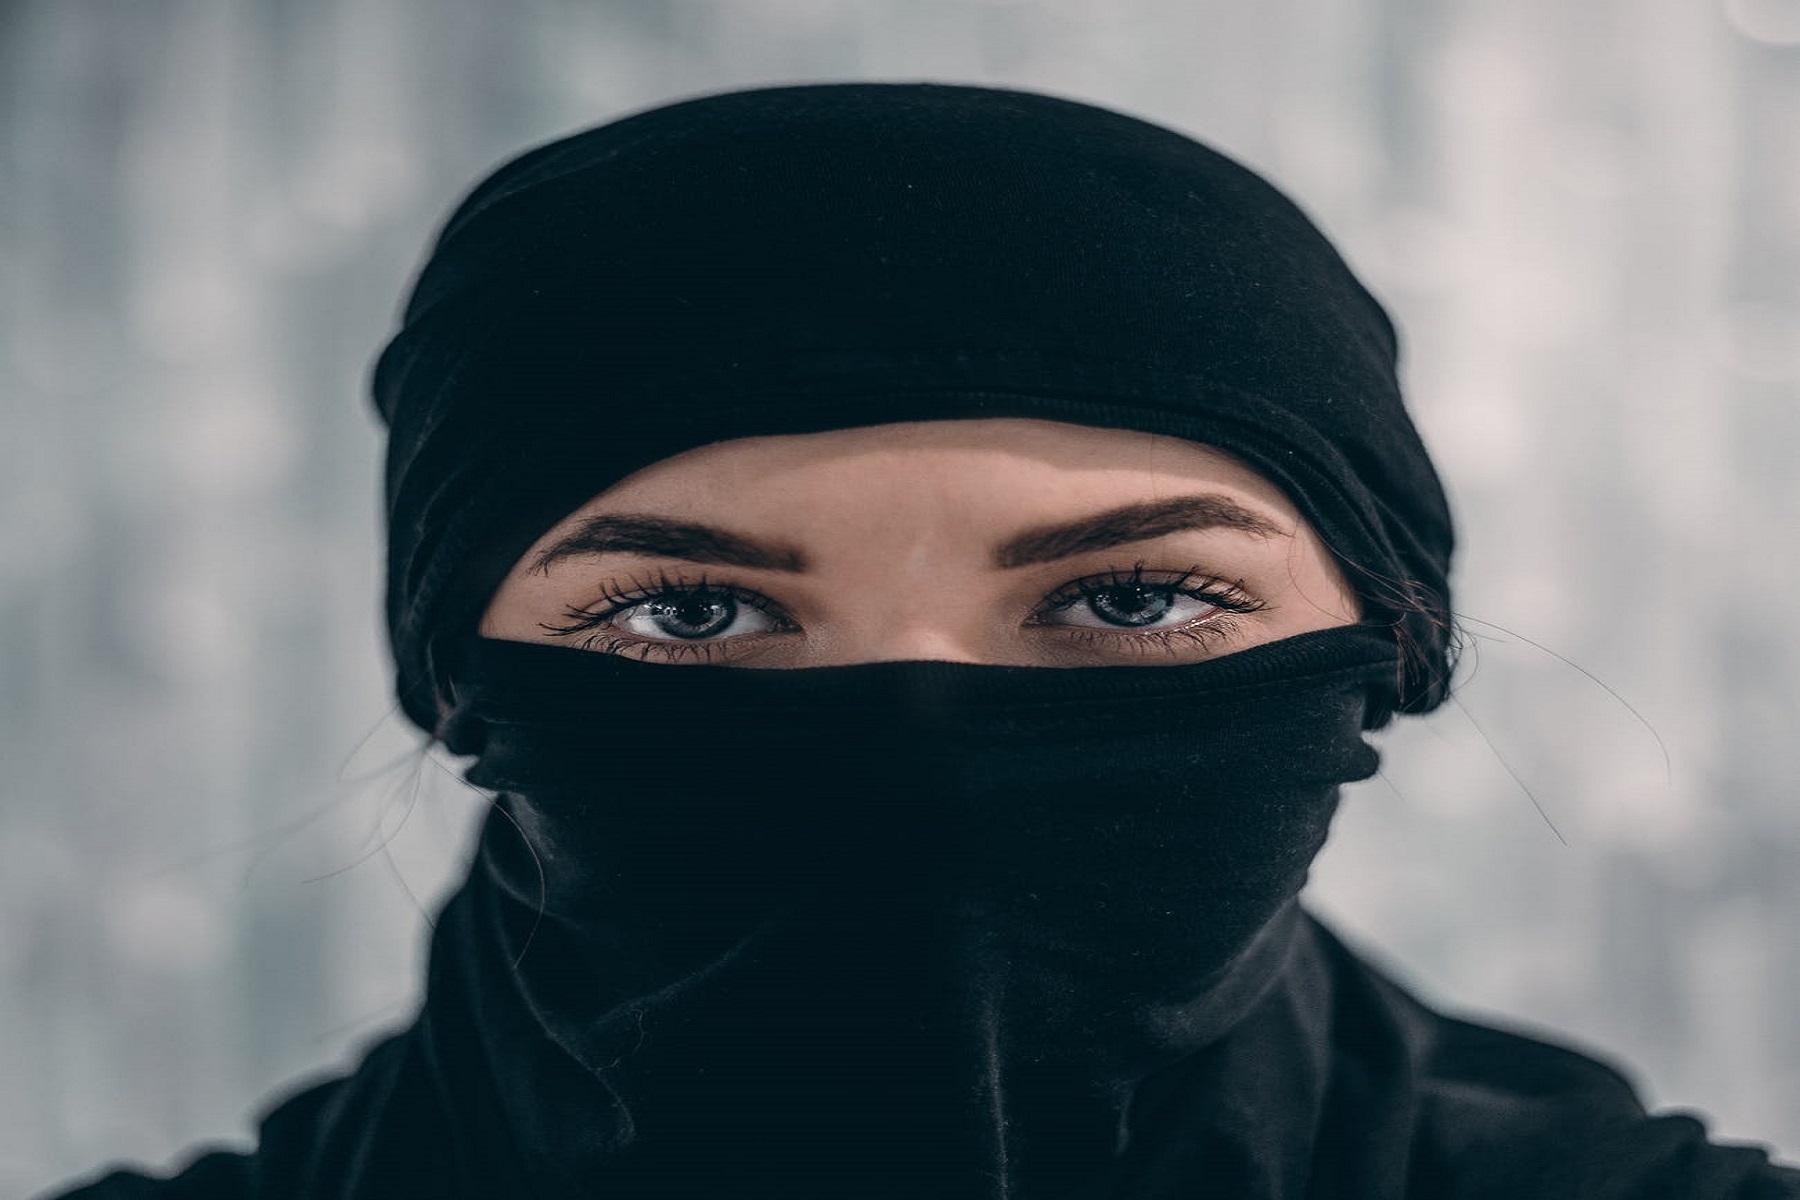 Μάσκα Μακιγιάζ: Τι γίνεται με το θέμα του «ξεβάμματoς» του makeup πάνω στη μάσκα;